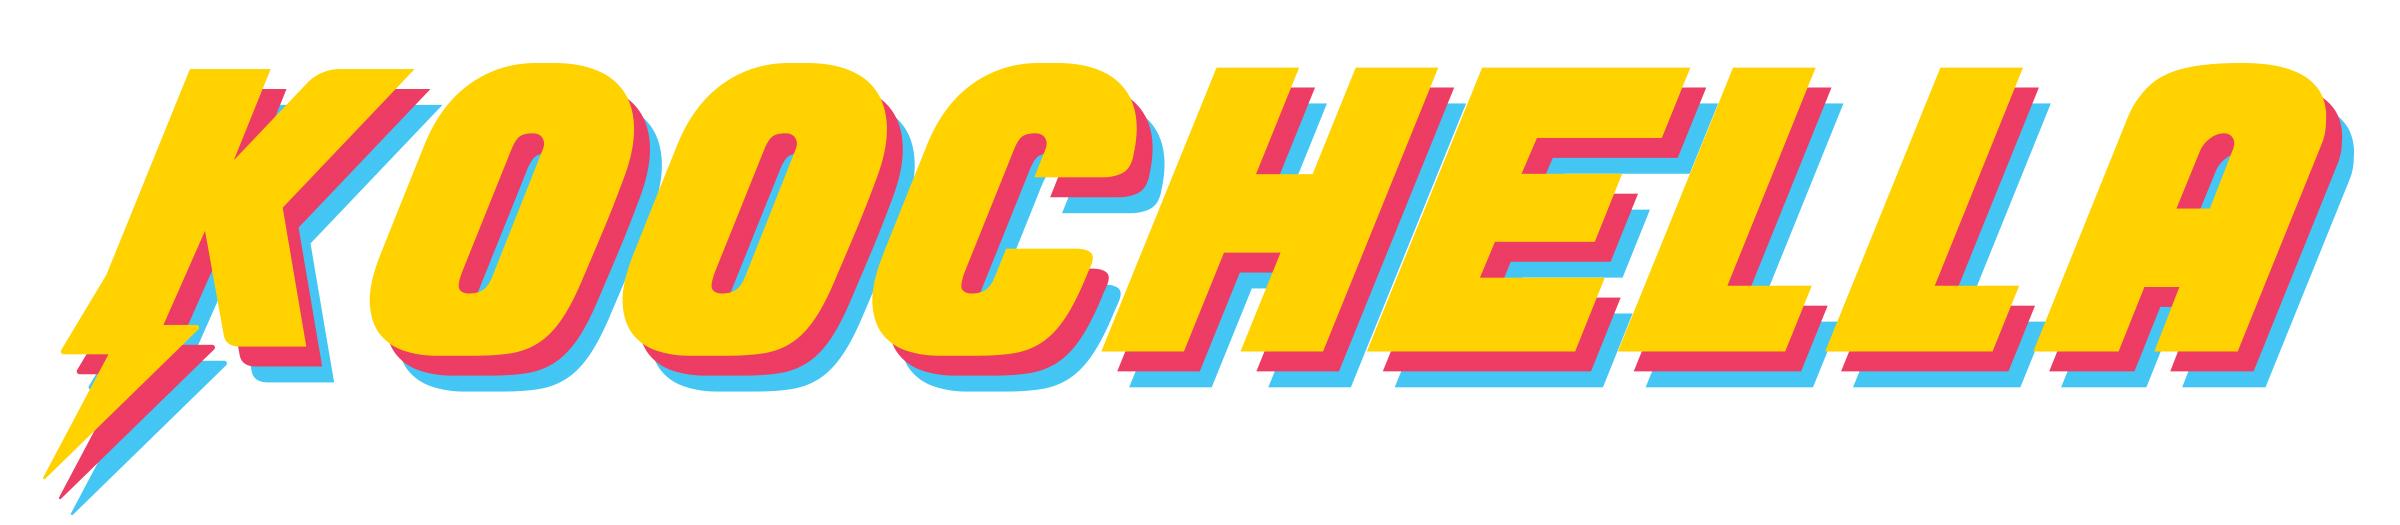 Koochella Racing